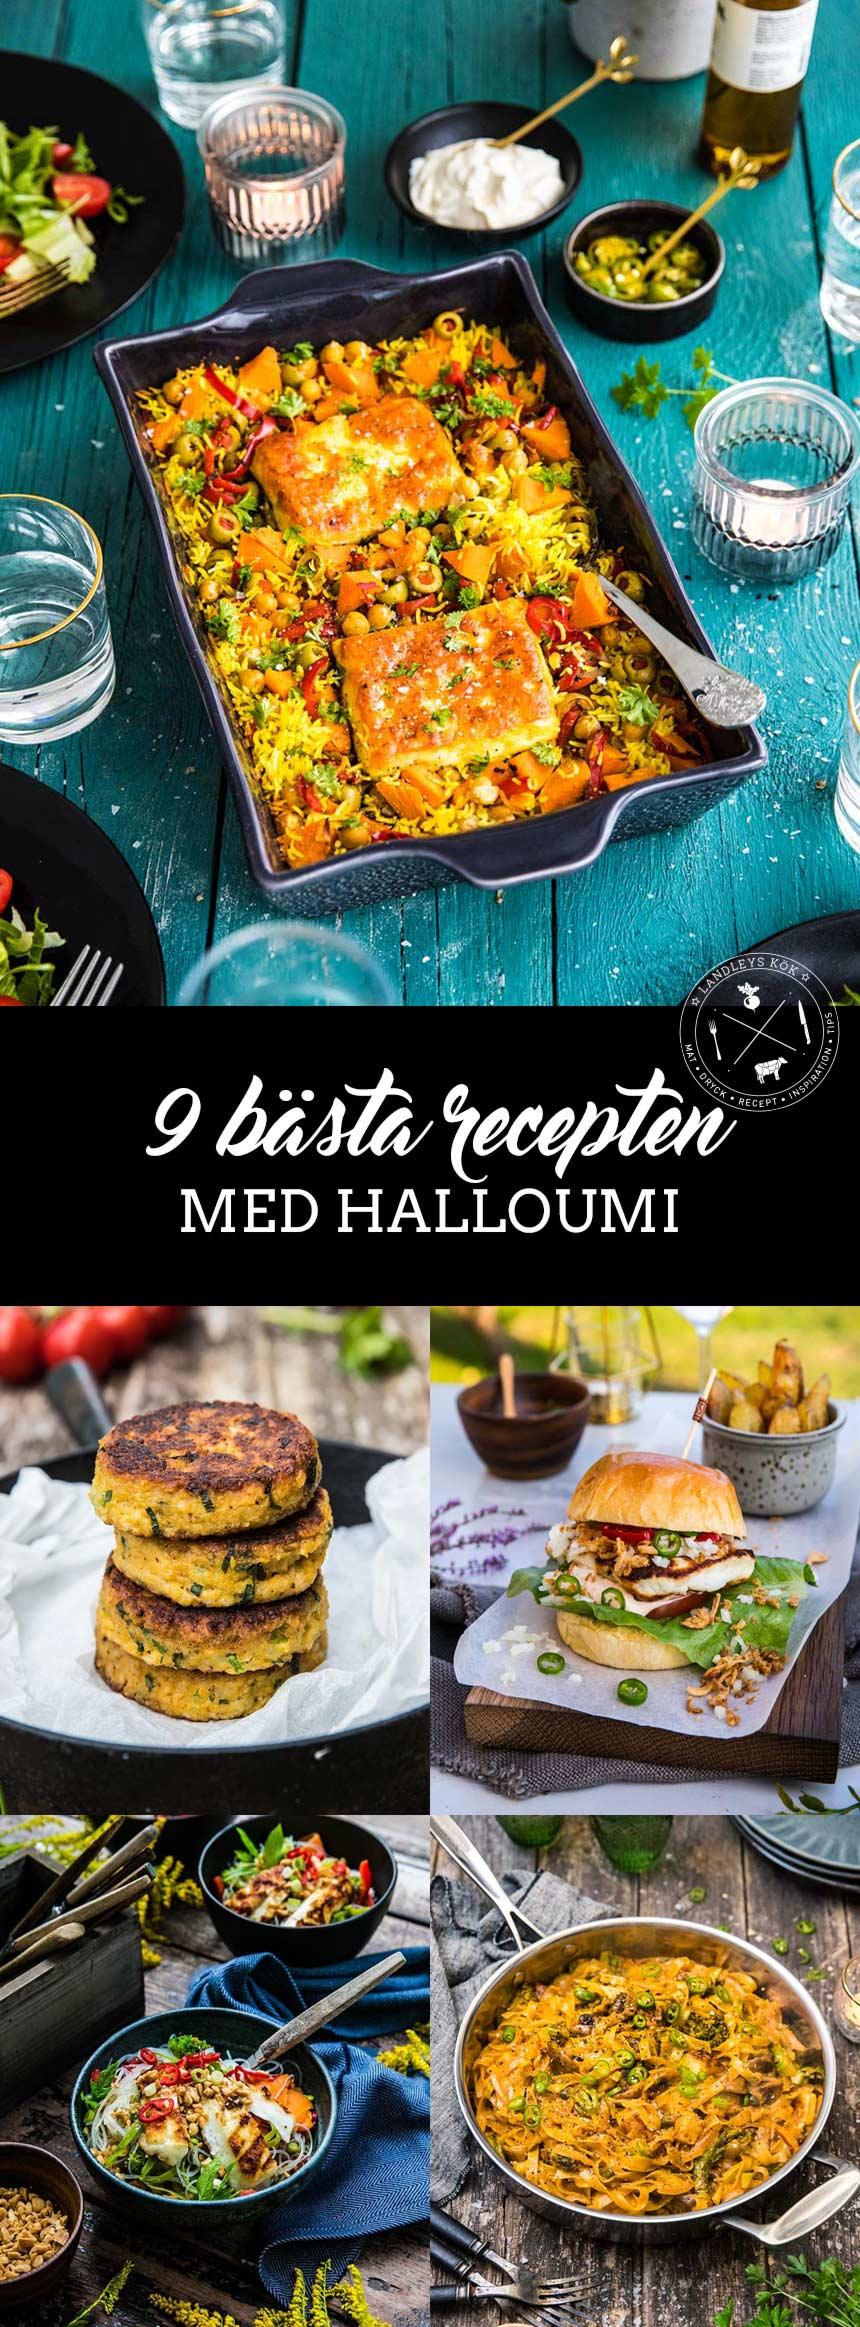 9 bästa recepten med halloumi